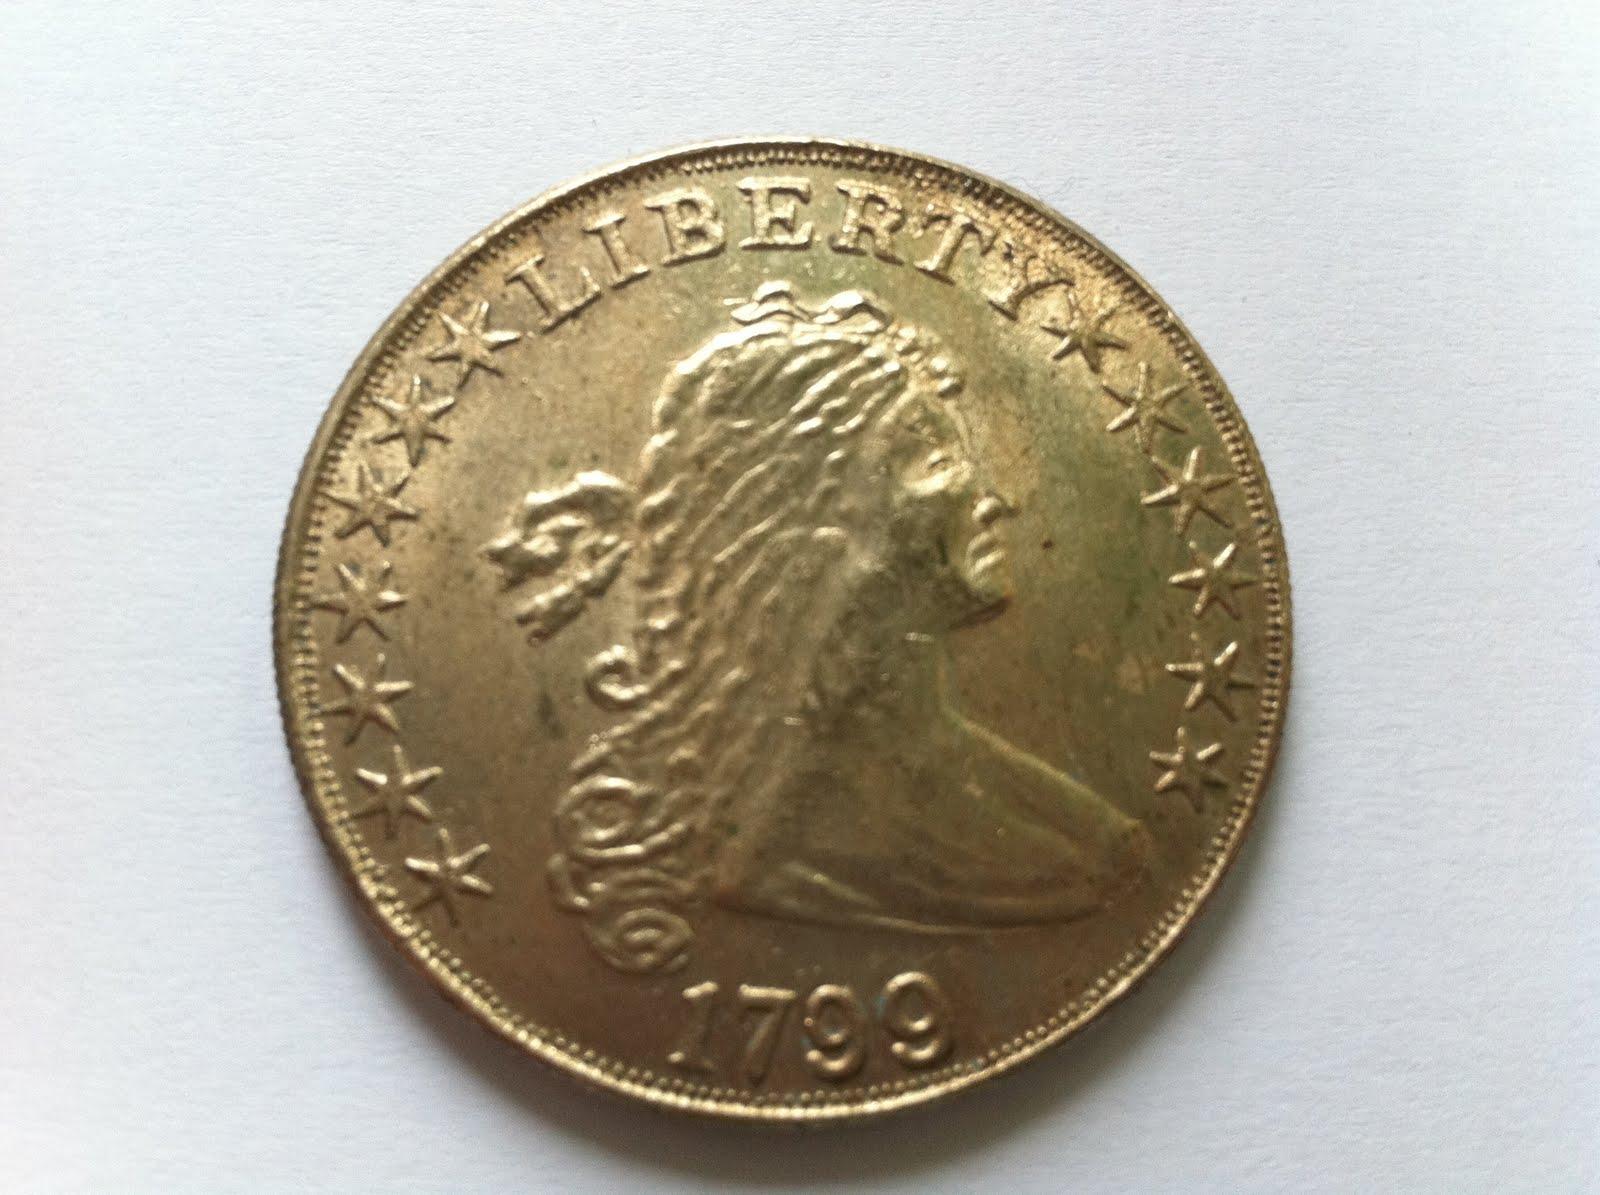 liberty 1799 coin price in malaysia